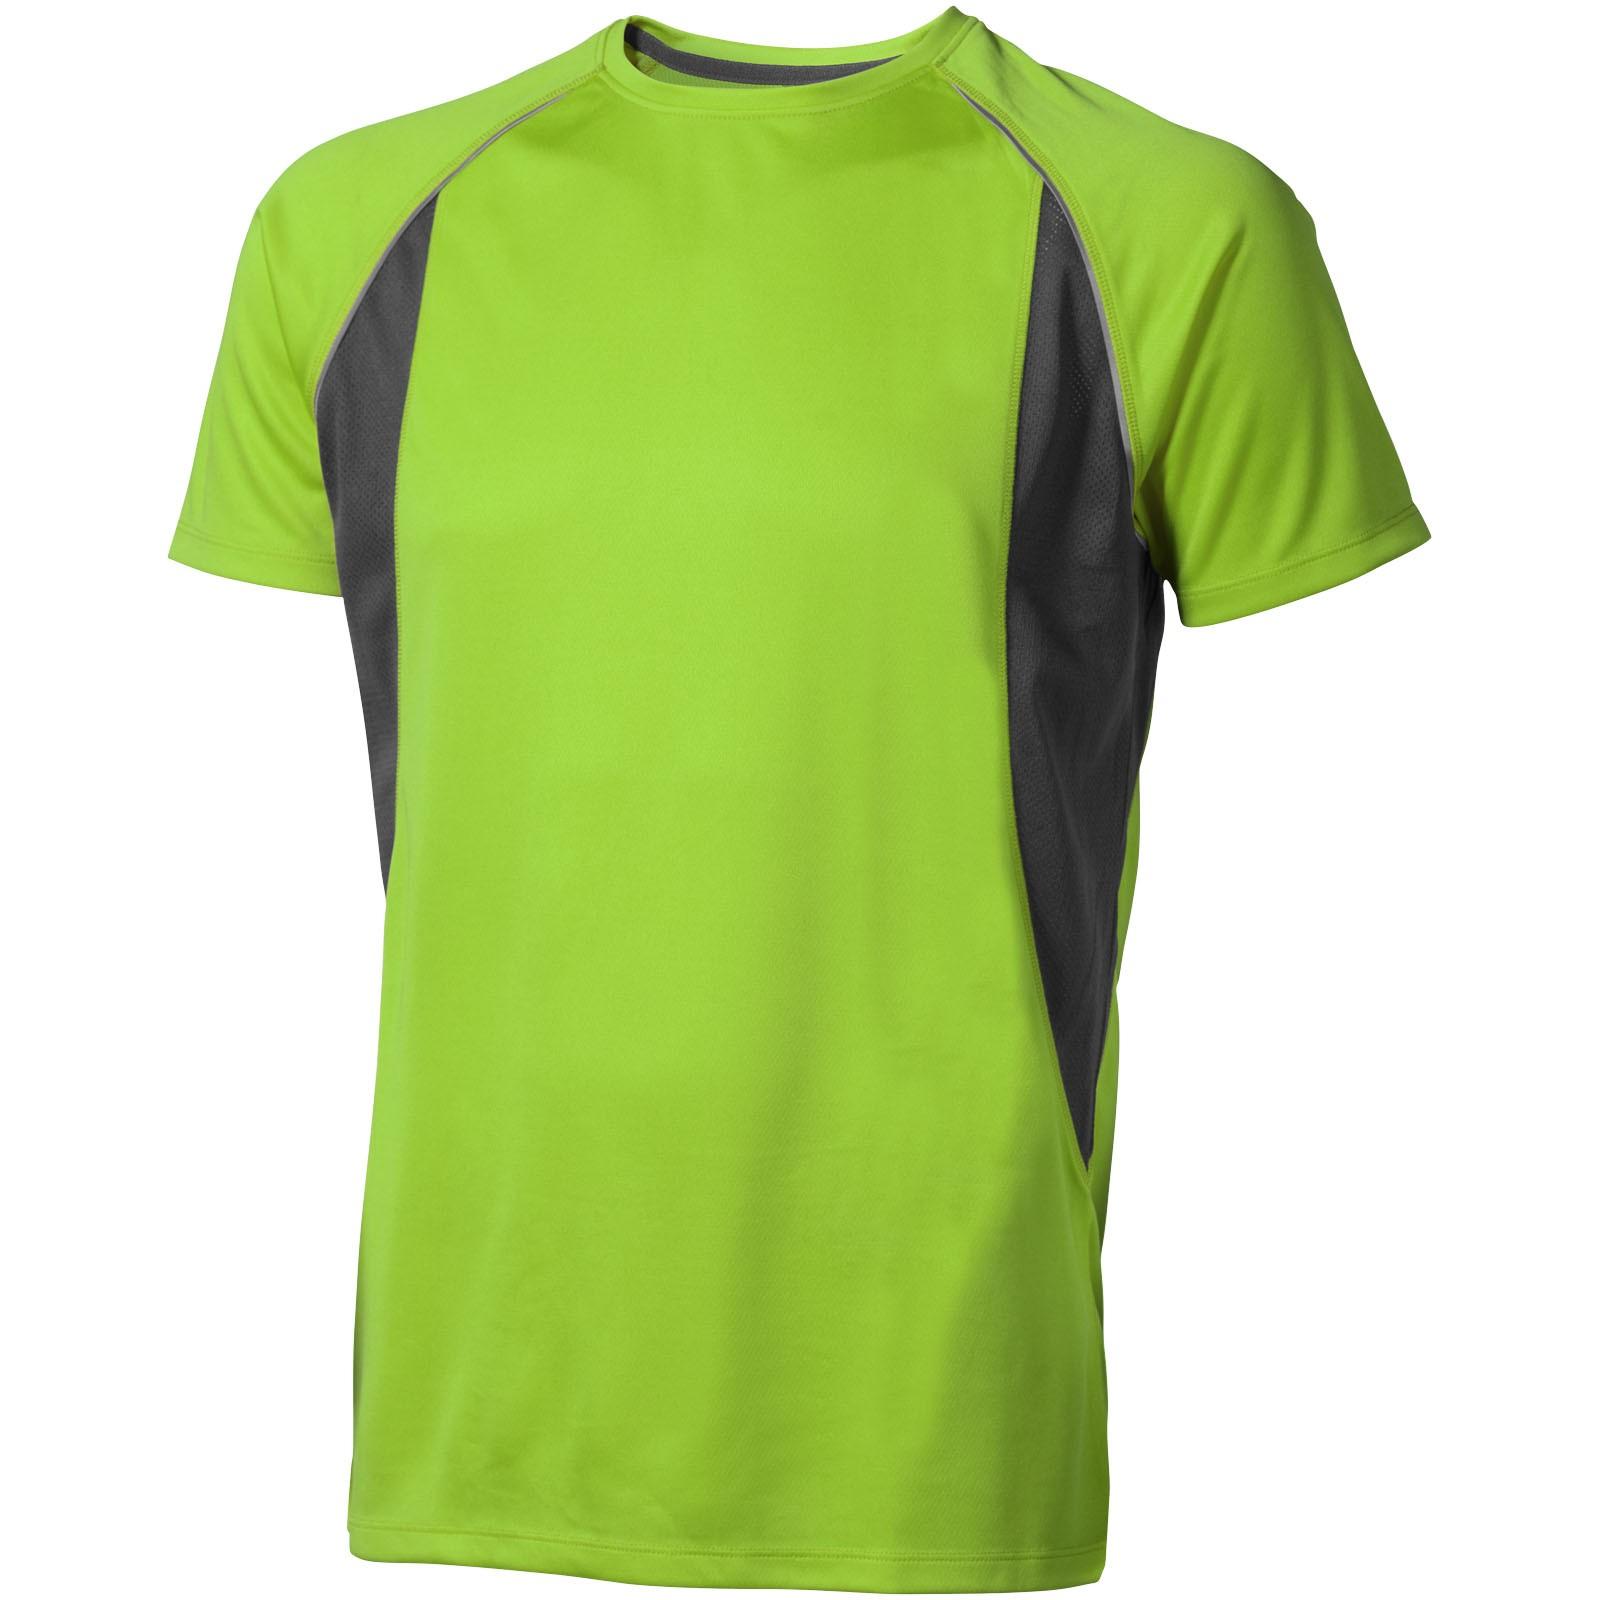 Pánské Tričko Quebec s krátkým rukávem, cool fit - Zelené jablko / Anthracitová / XXL